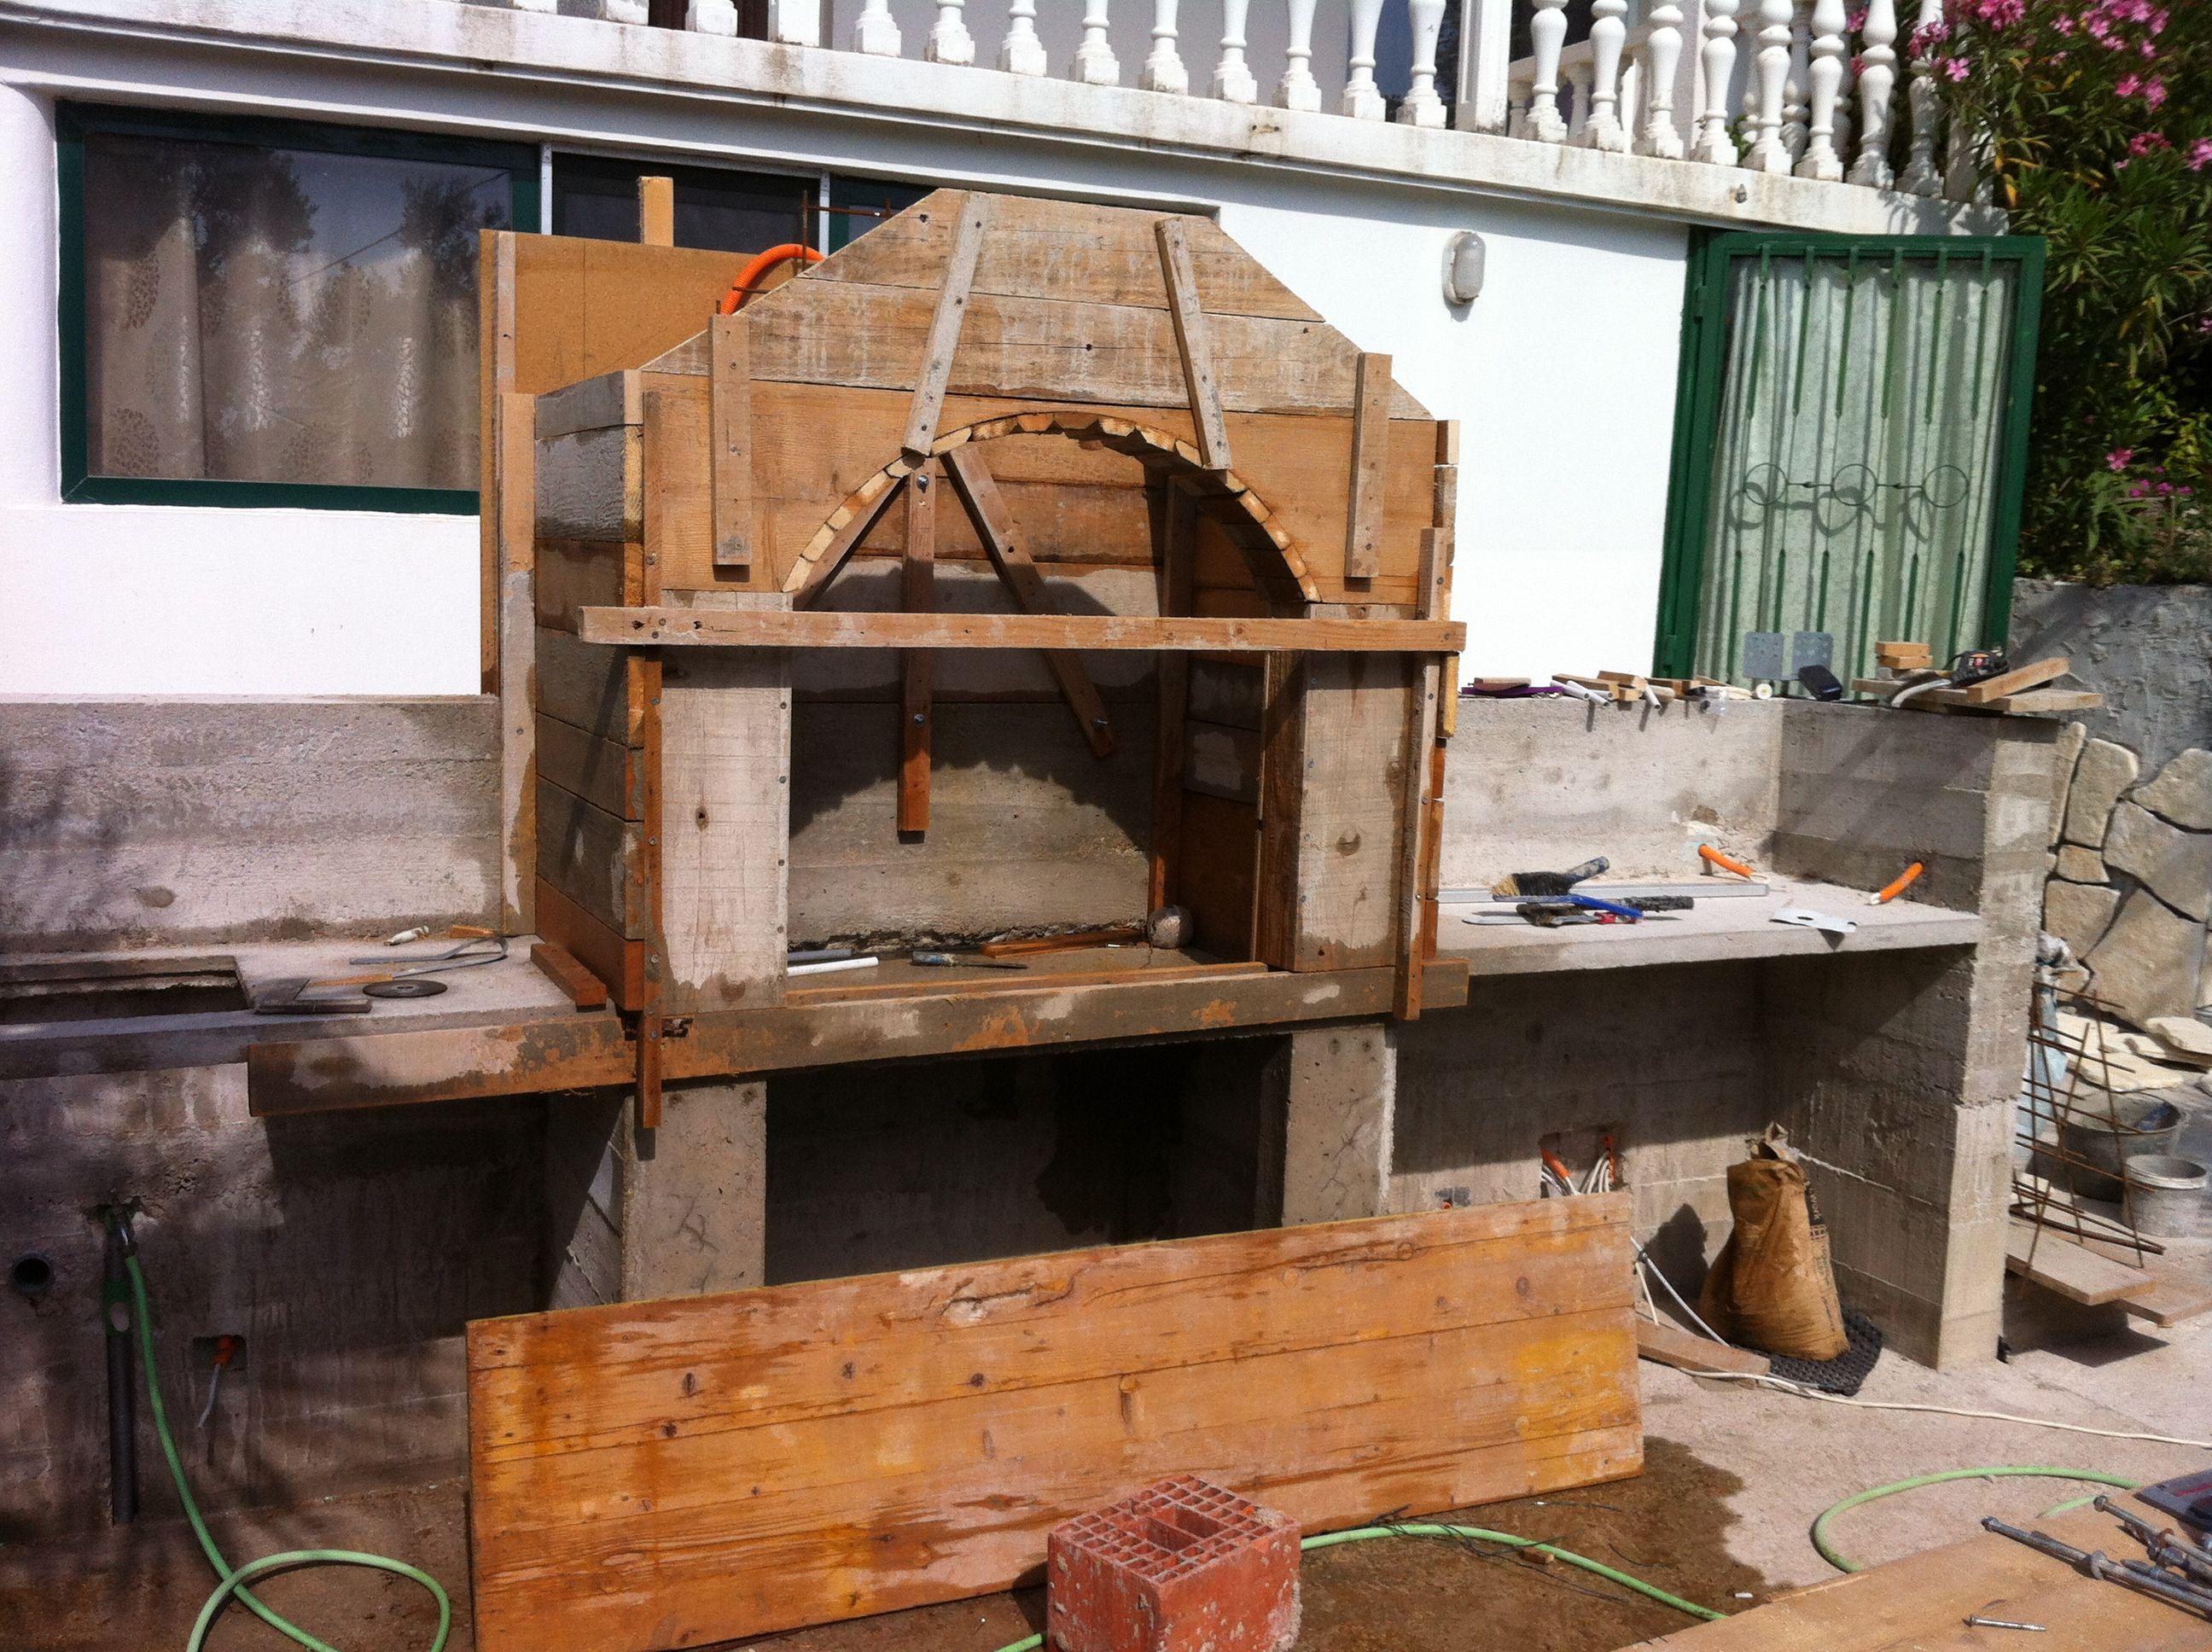 Außenküche Selber Bauen Mit überdachung : Außenküche mit überdachung outdoor küche summit grillforum